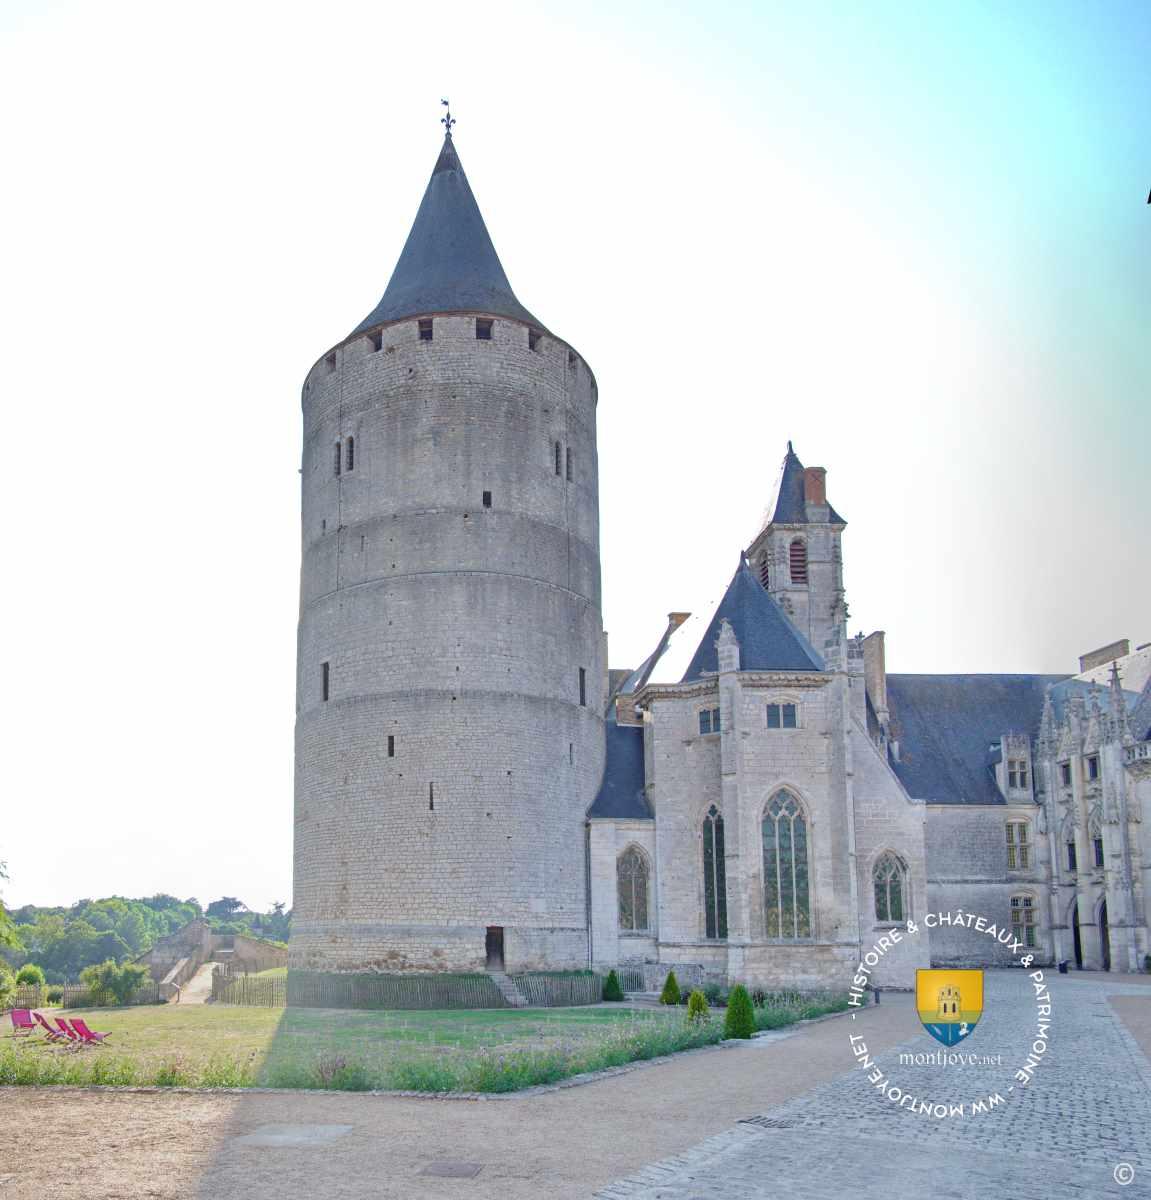 Donjon de Châteaudun